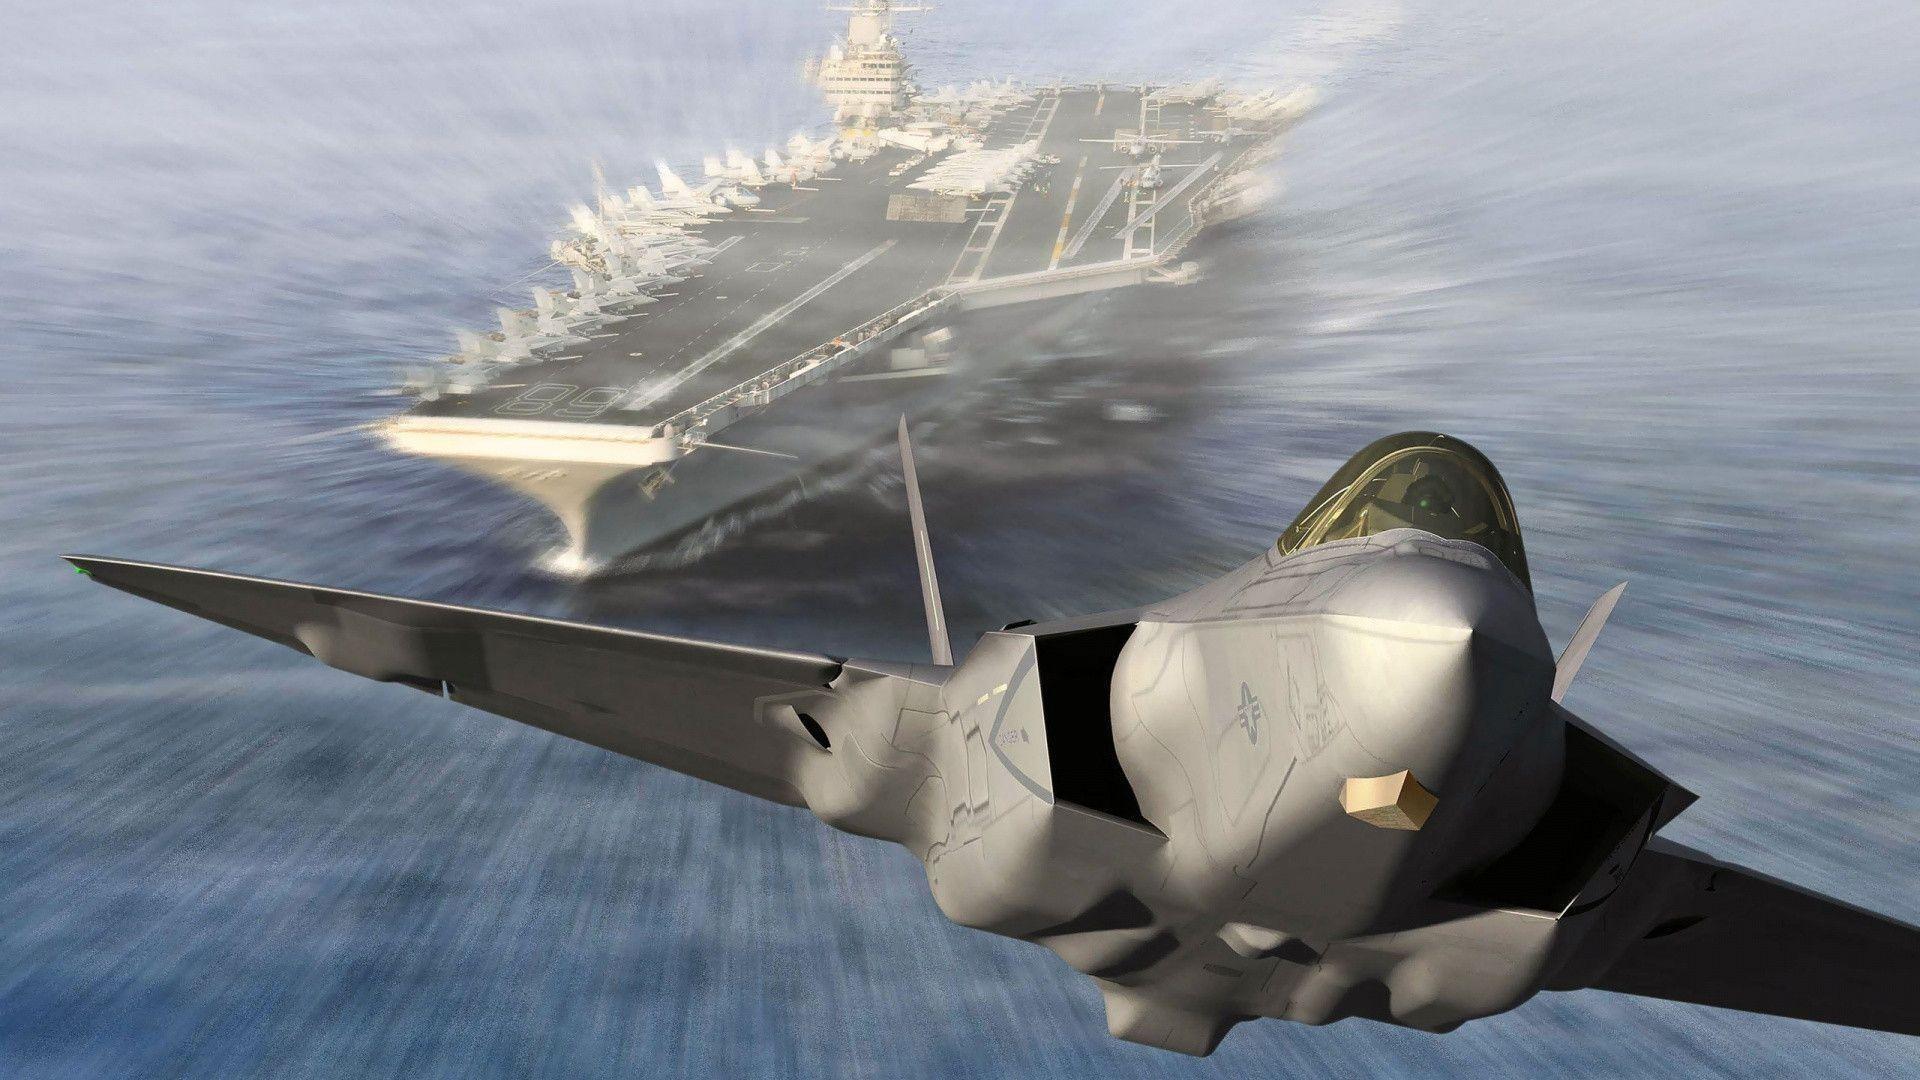 Aircraft Wallpaper Hd 72 Images